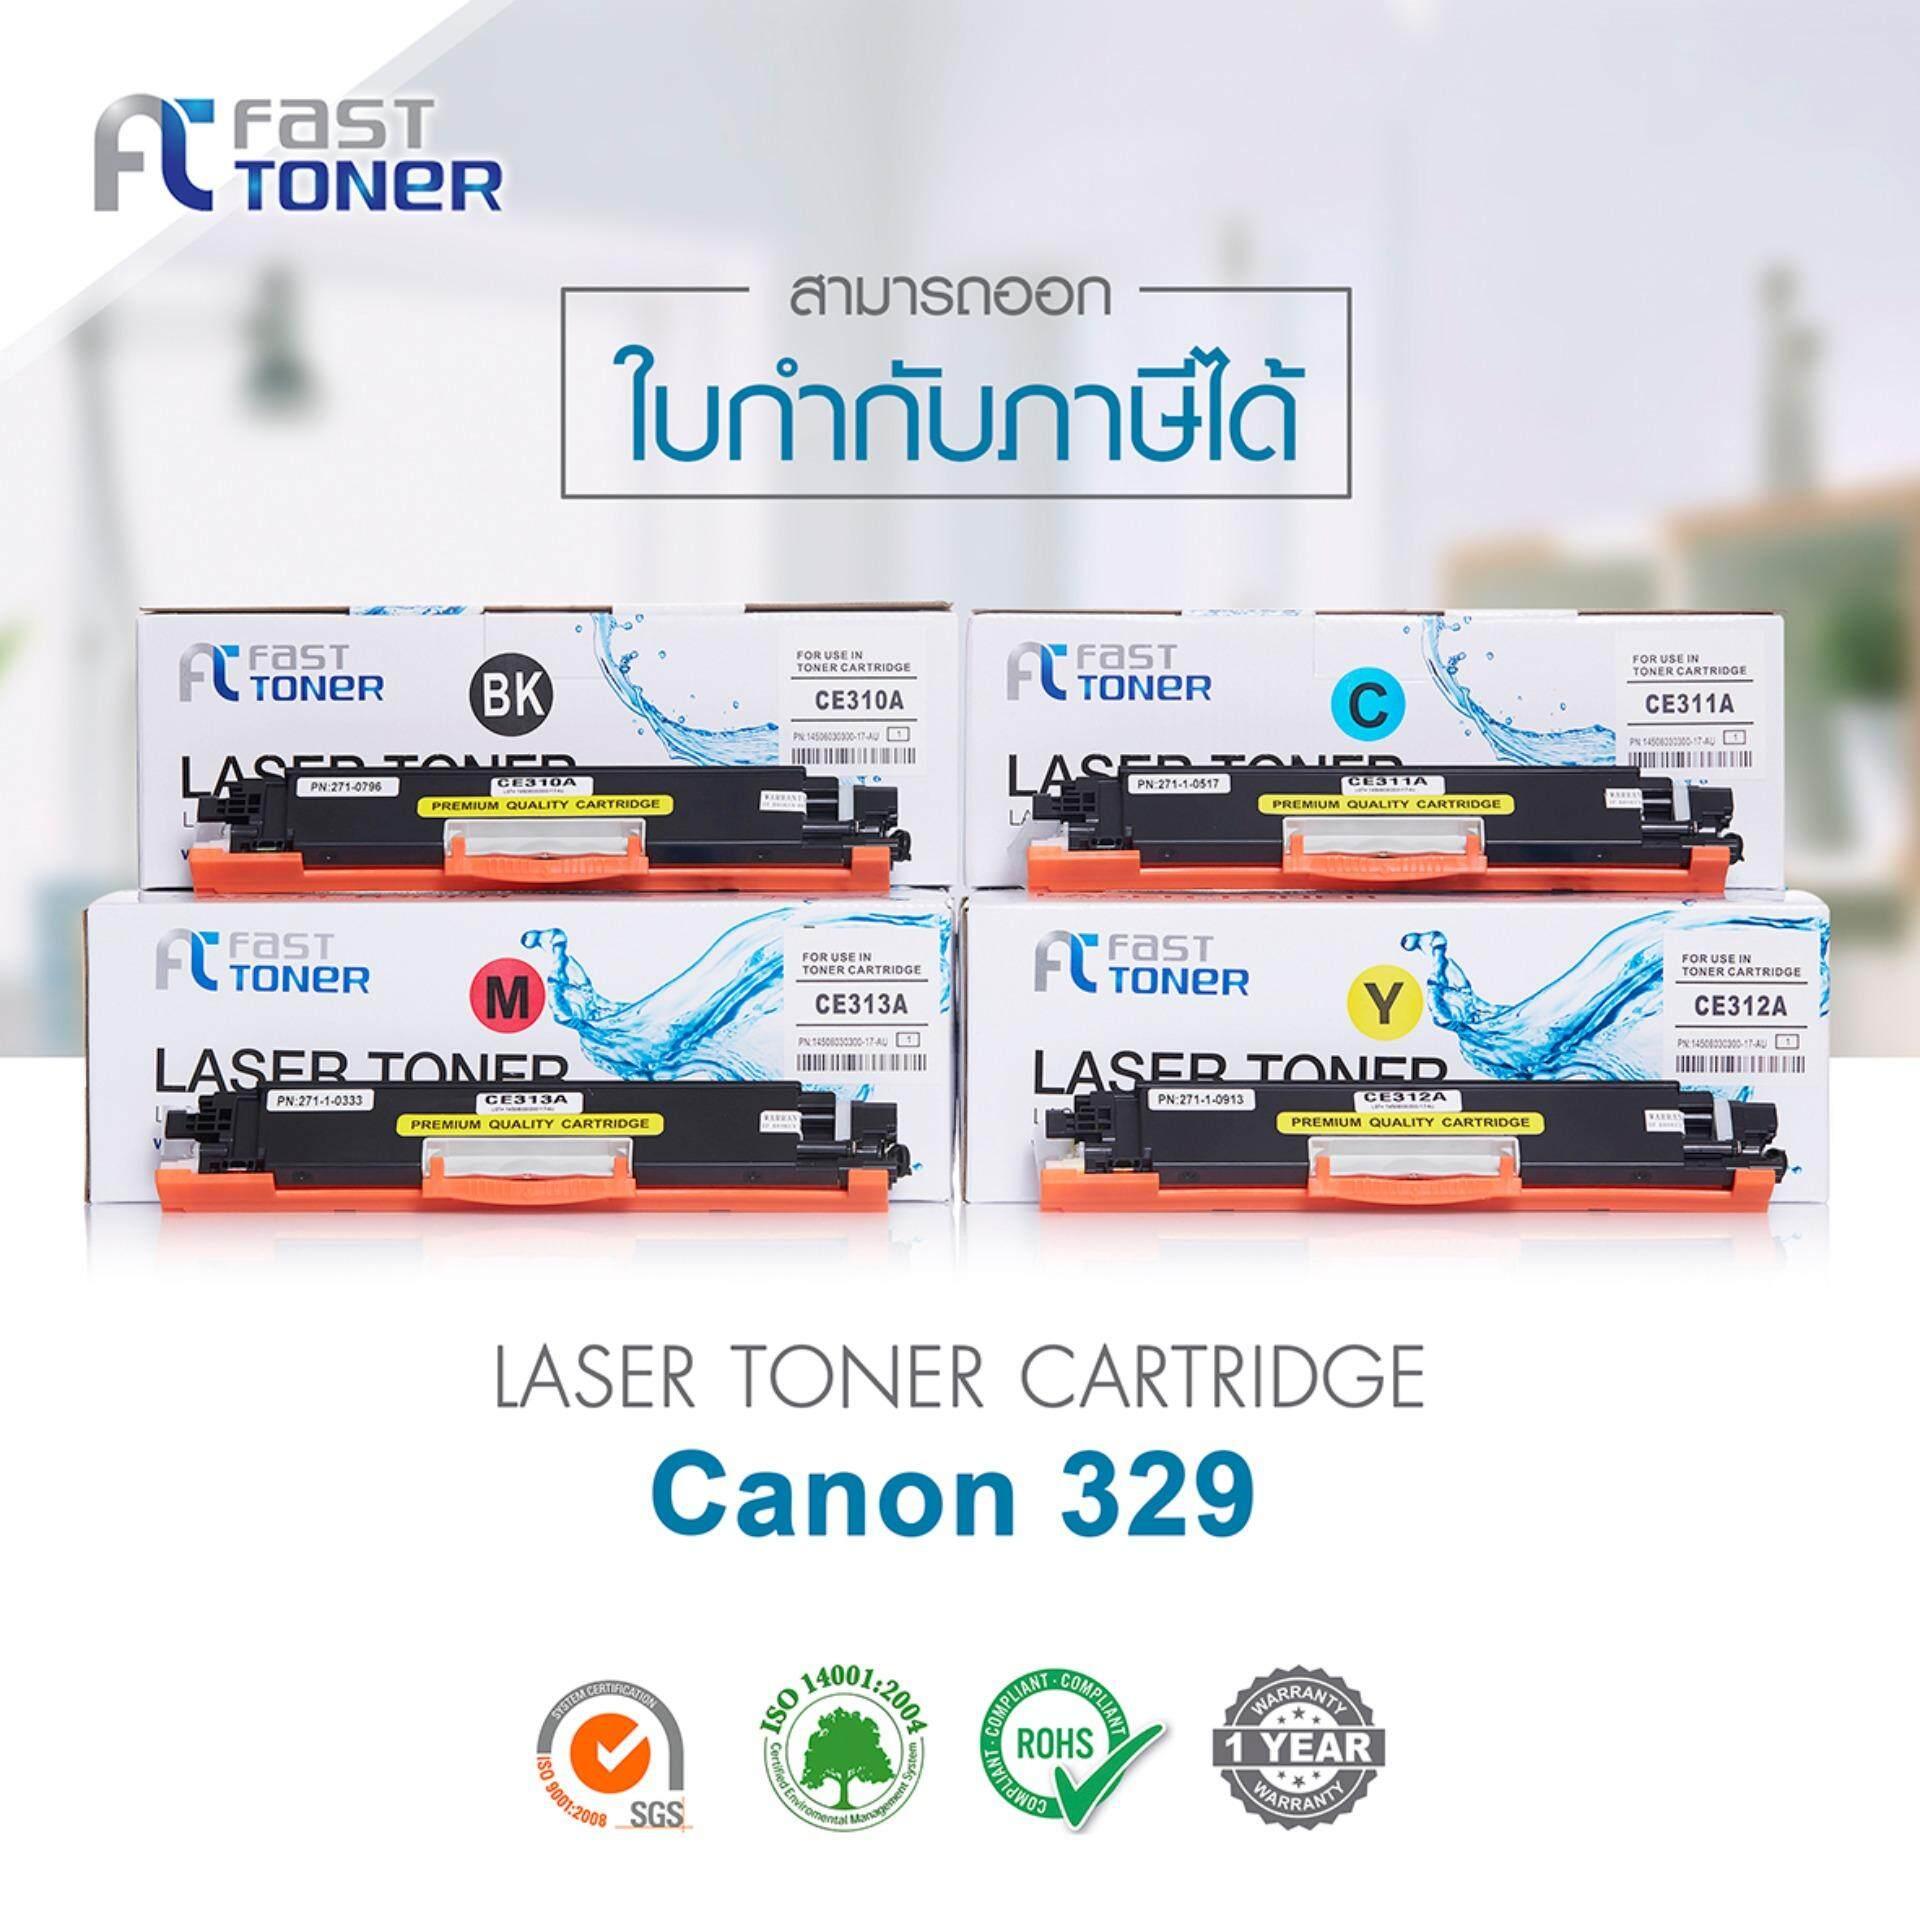 ซื้อ Fast Toner ตลับหมึกเลเซอร์ Canon Cartridge 329 4สี ดำ ฟ้า เหลือง แดง สำหรับปริ๊นเตอร์ Canon Lbp7010C Canon Lbp7018C ปริมาณการพิมพ์ 1 000 แผ่น Fast Toner